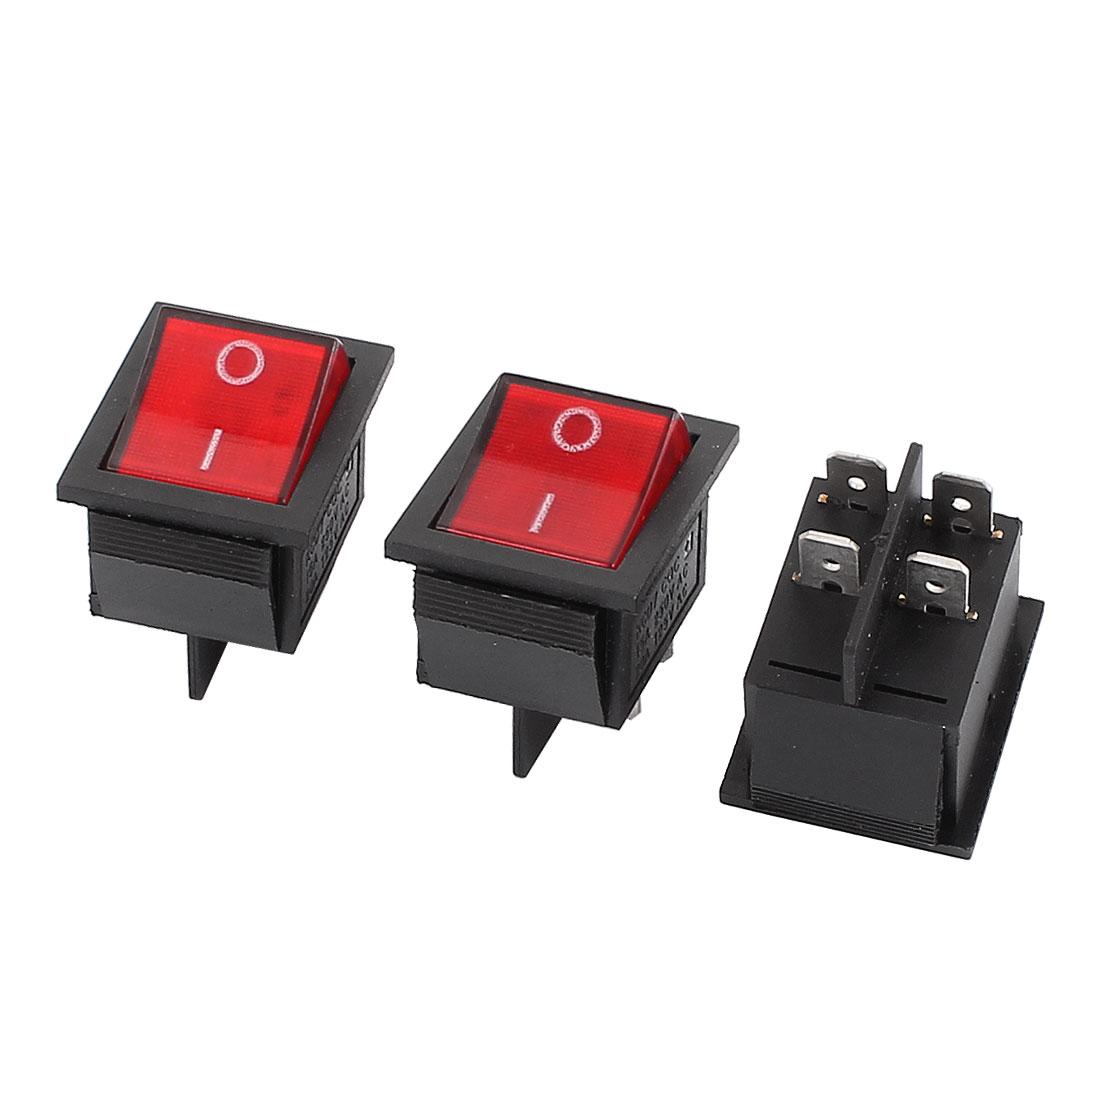 3 Pcs Red LED DPST ON-OFF 4P Snap Rocker Boat Switch KCD7 AC 220V/15A 125V/20A